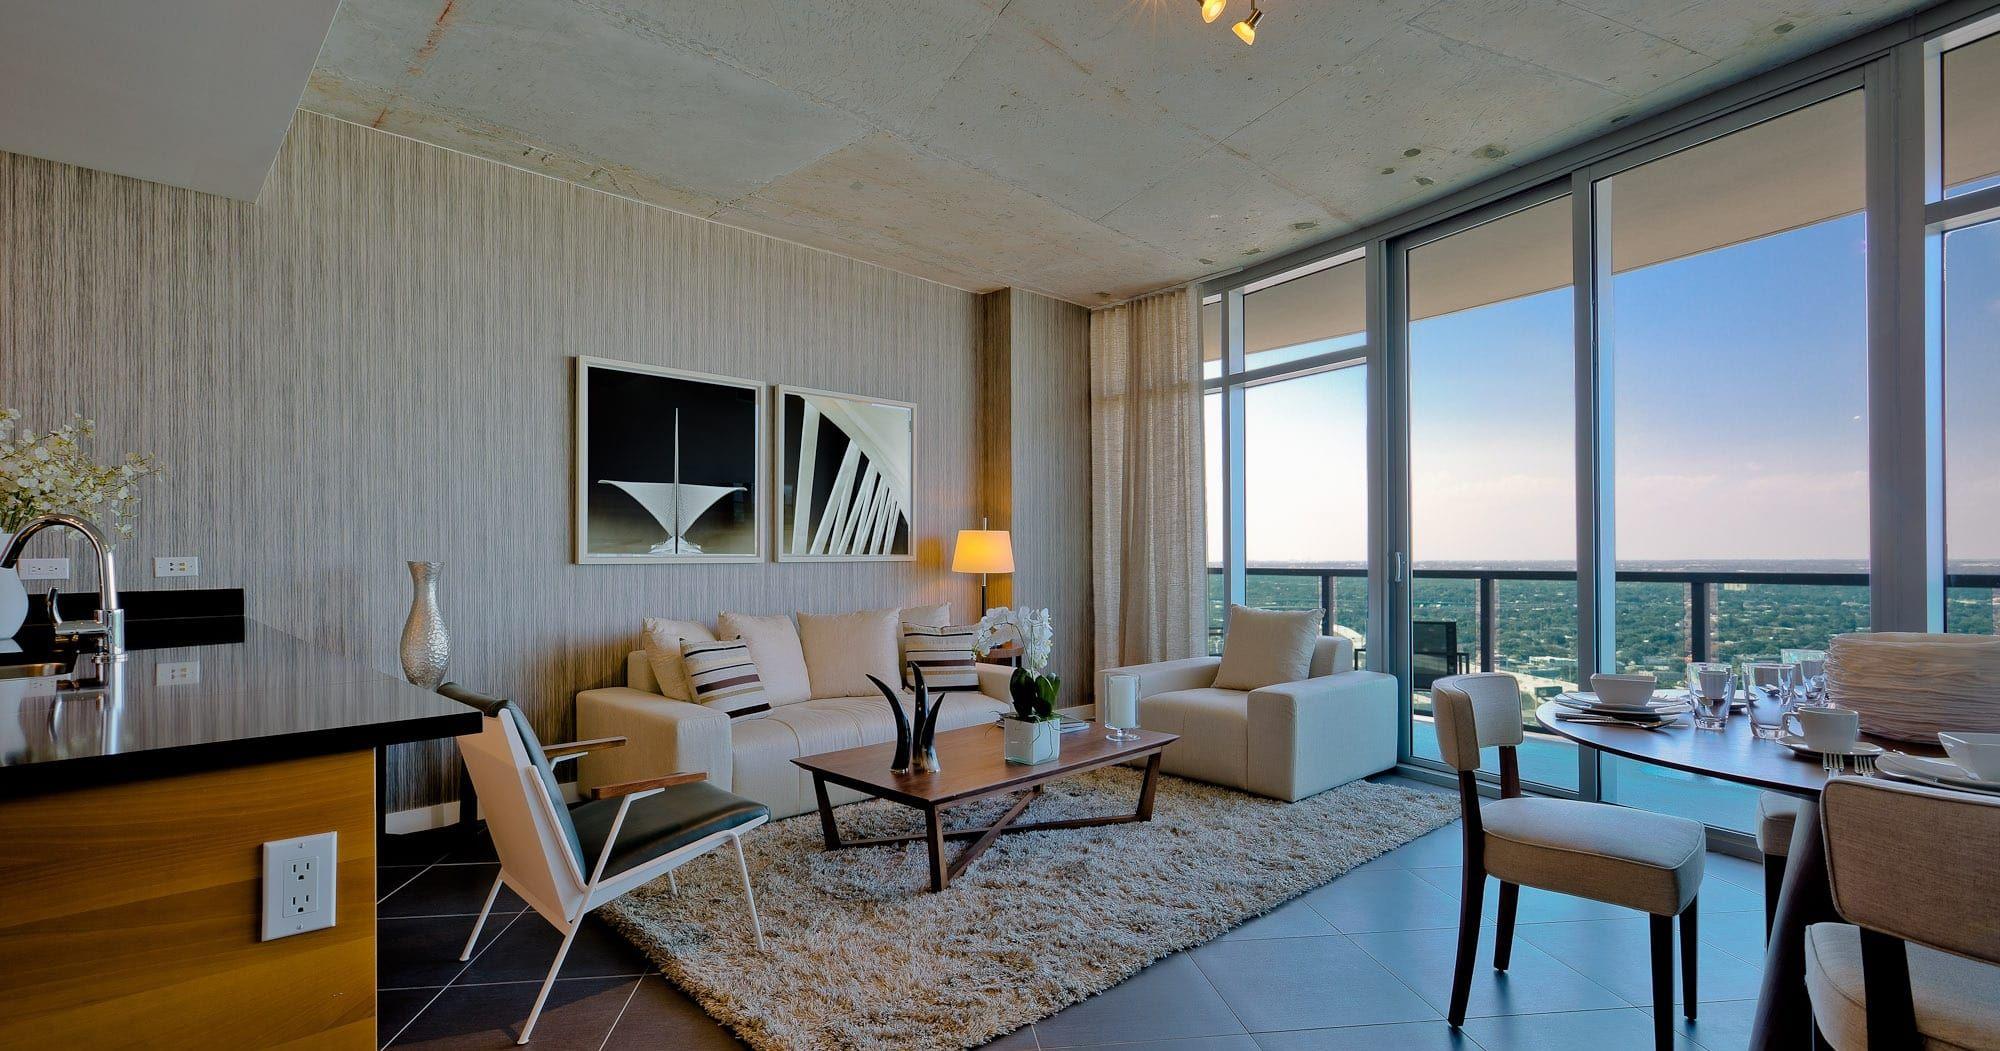 4 Midtown Miami Miami Residential Condo Living Residential